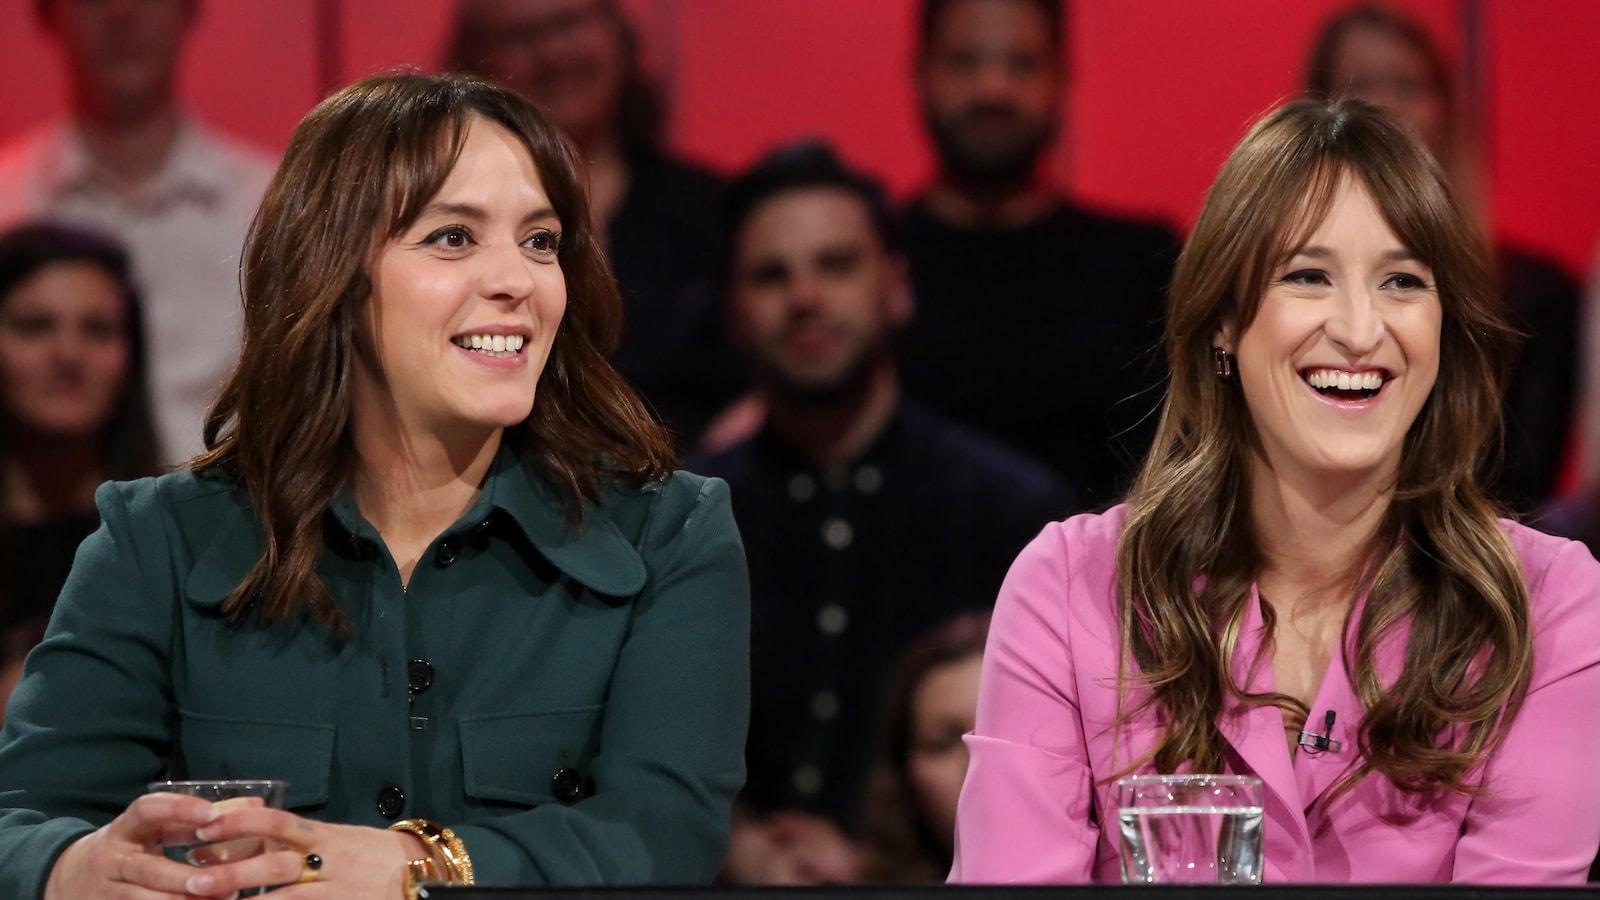 Elles présentent le film La femme de mon frère, sélectionné au Festival de Cannes.